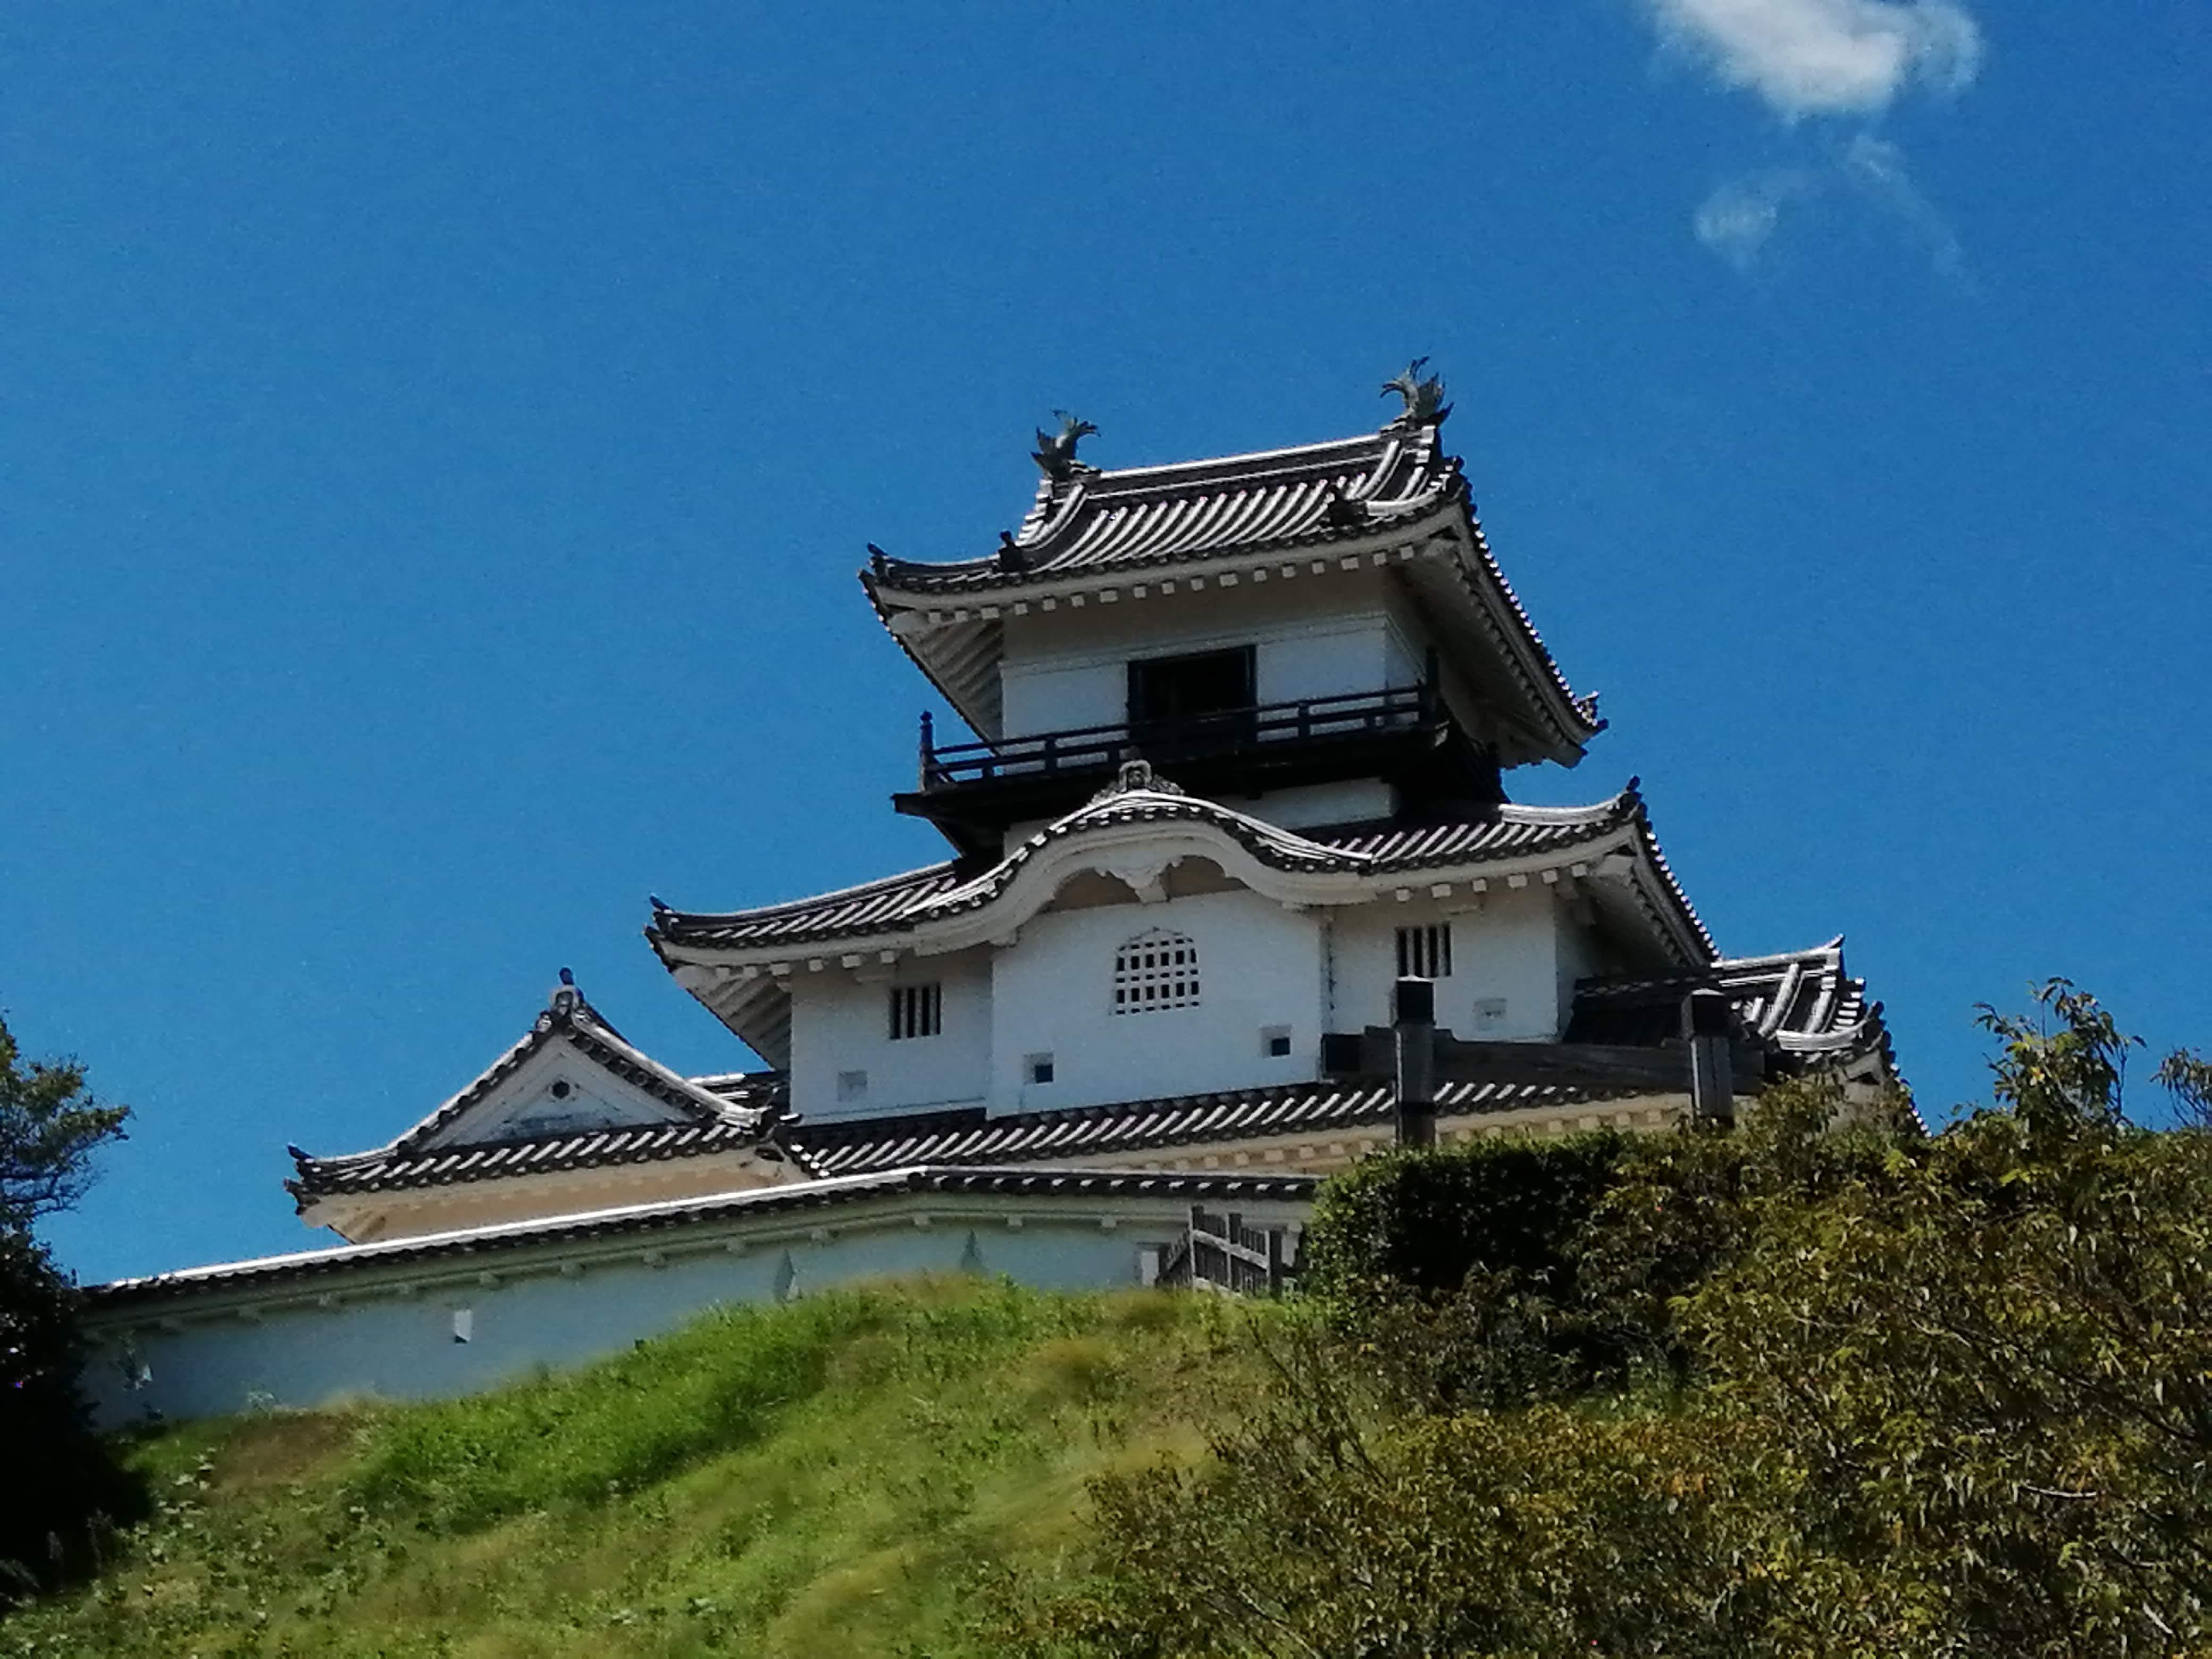 聖地巡礼の旅 ー掛川城・掛川ステンドグラス美術館 編ー